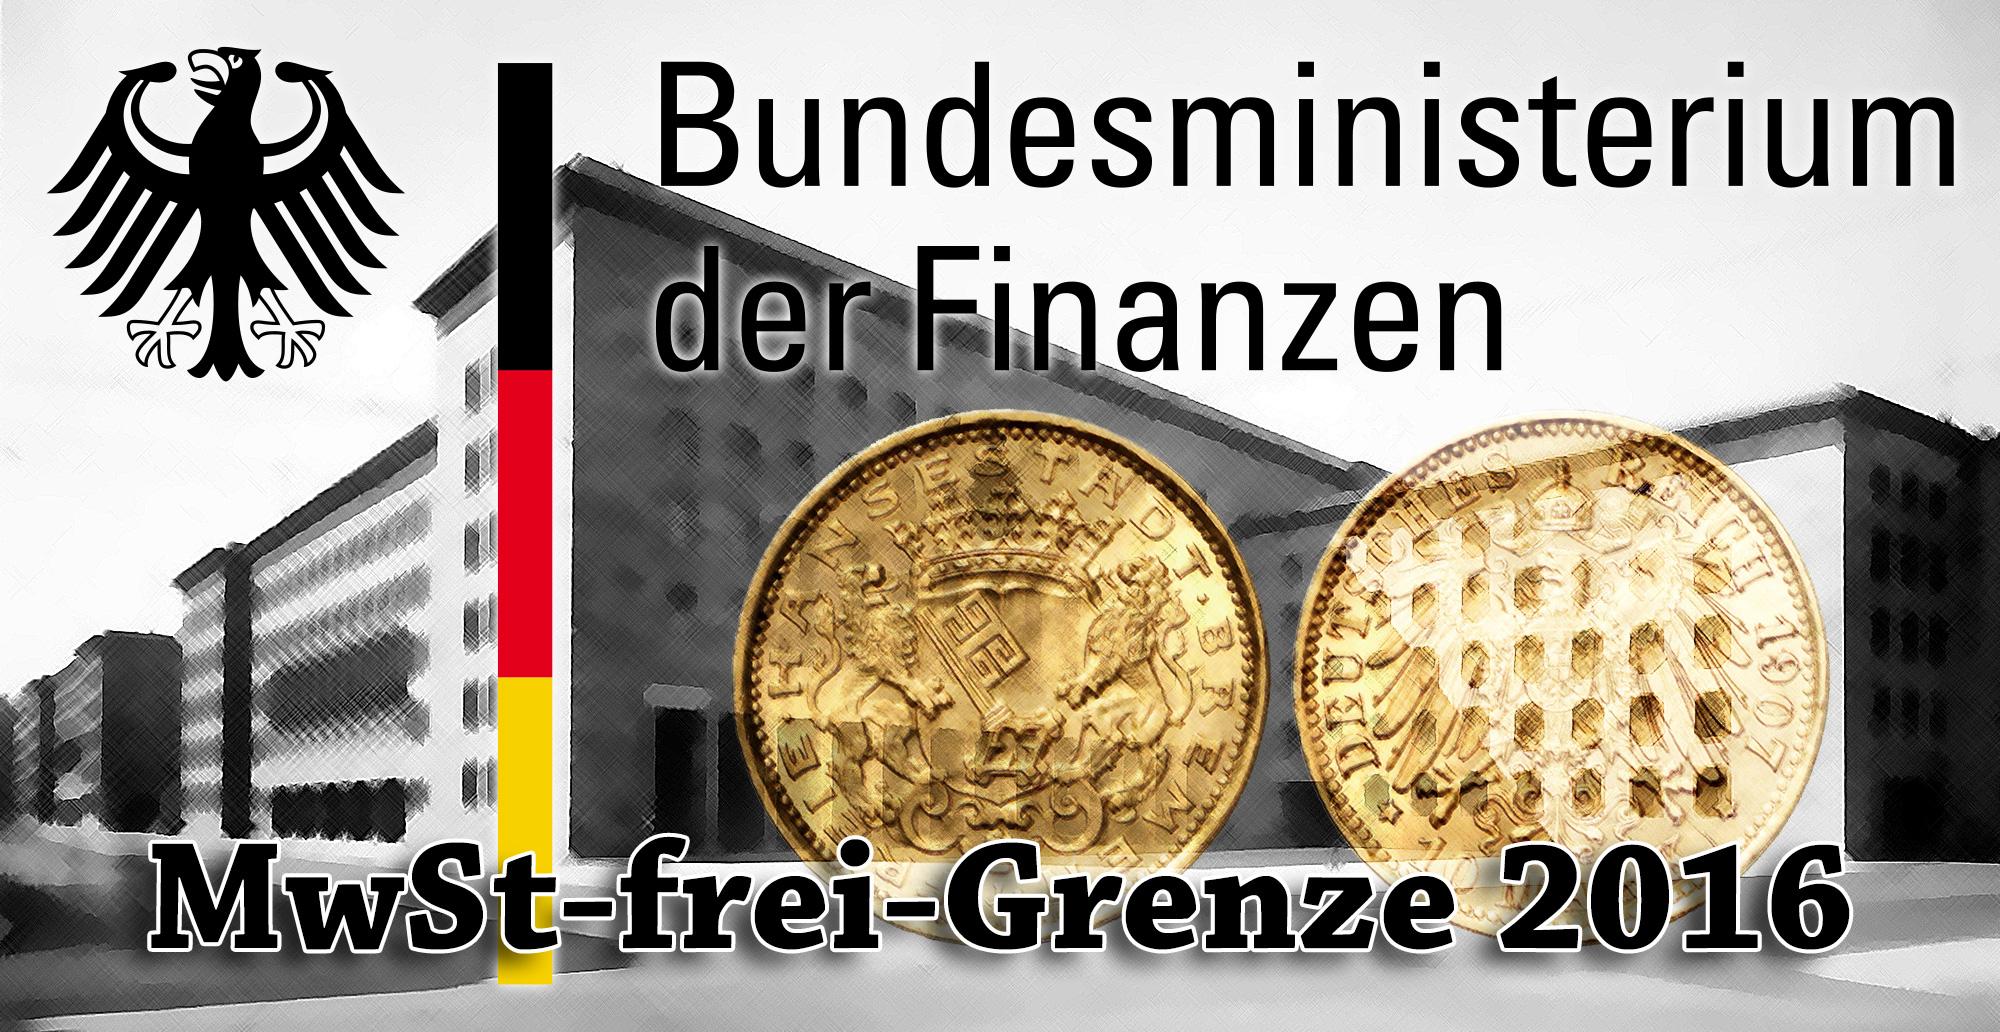 Goldpreis — MwSt-frei-Grenze für 2016 vom BMF veröffentlicht